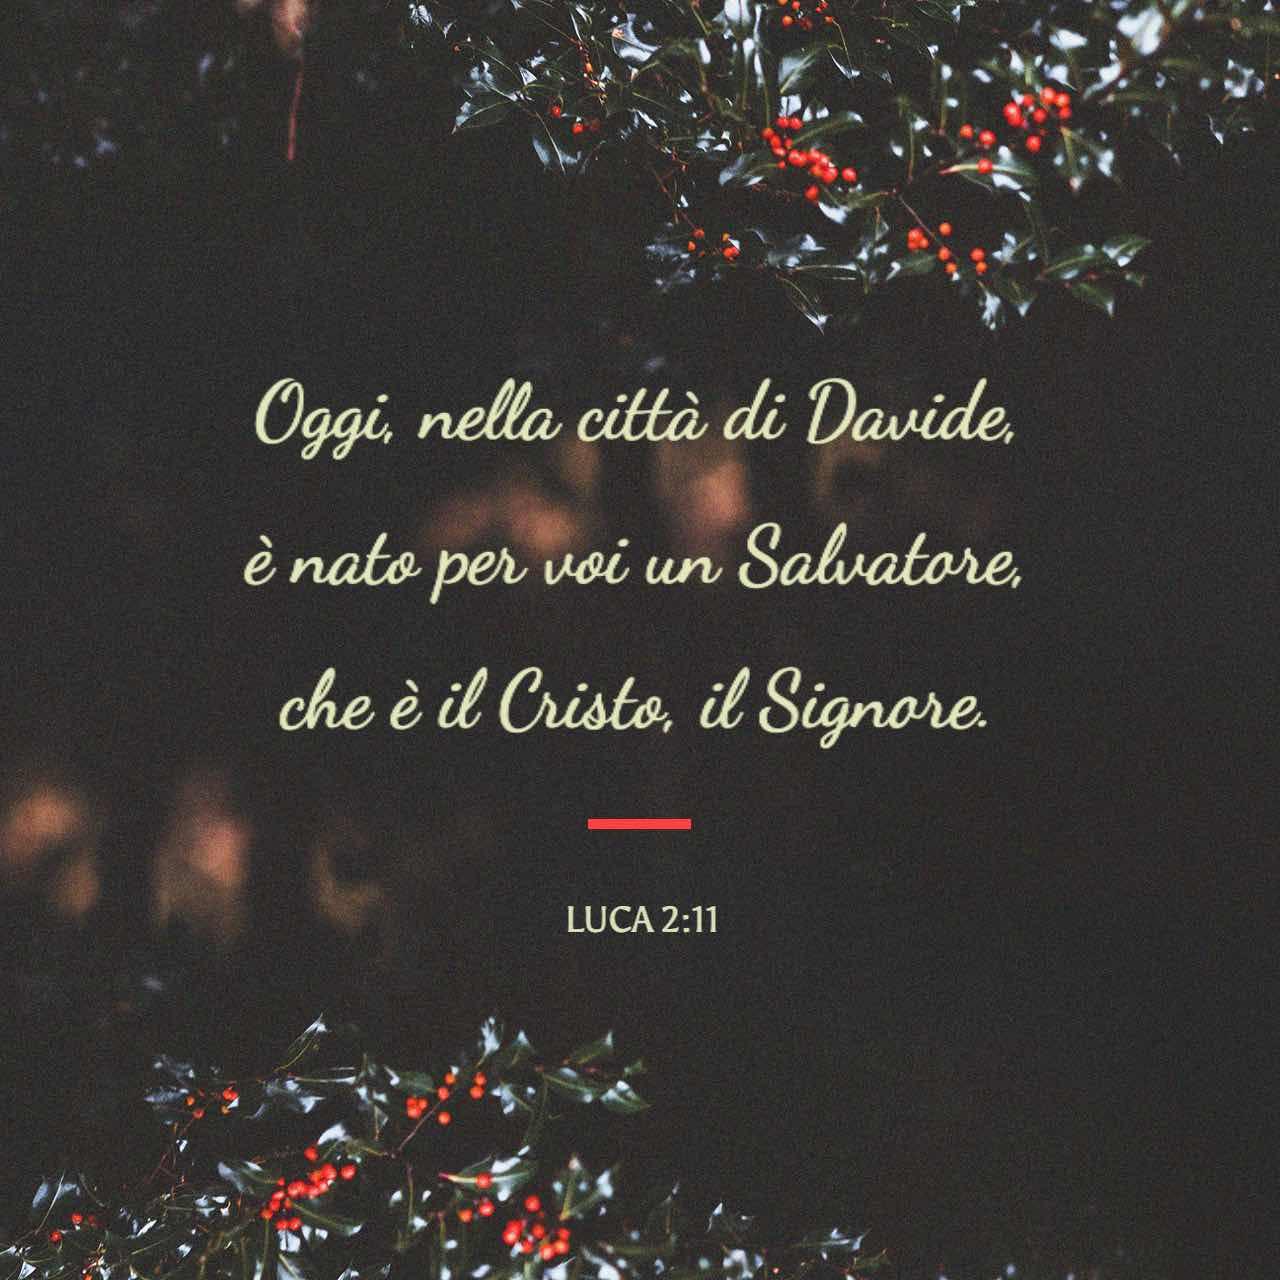 Oggi, nella città di Davide, è nato per voi un Salvatore. - Luca 2:11 - Immagine Versetto